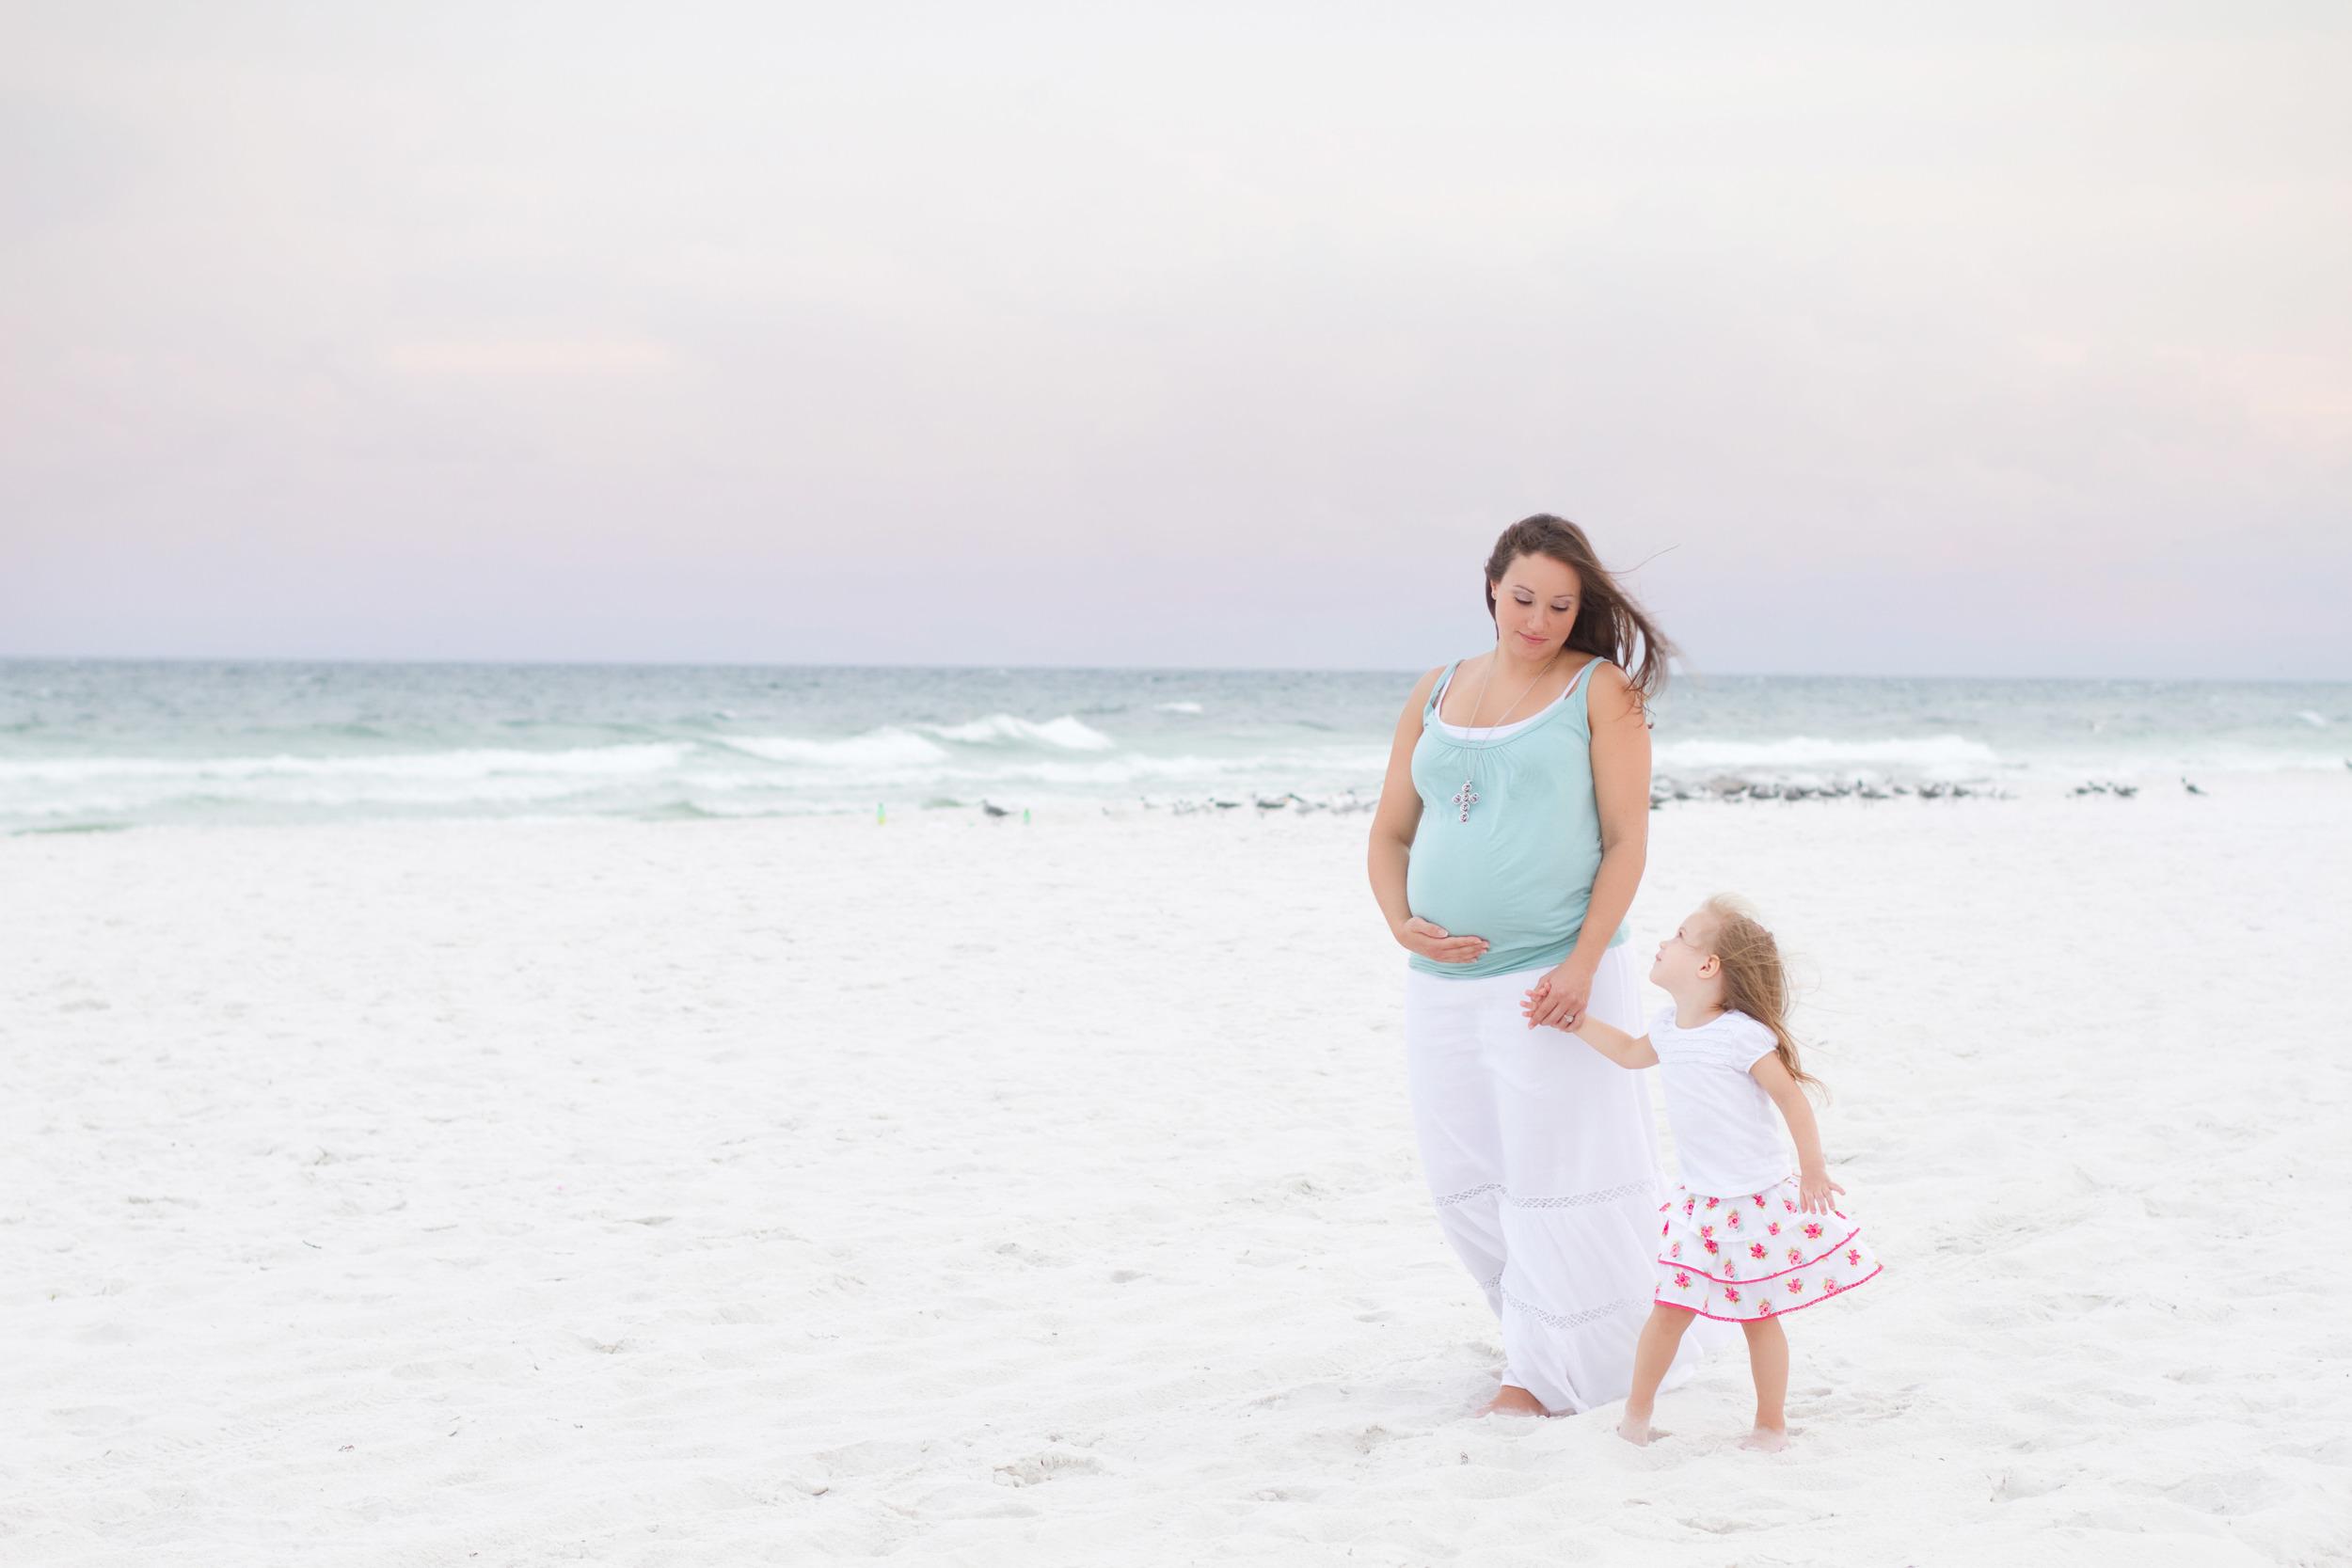 011_Maternity_Website (2).jpg